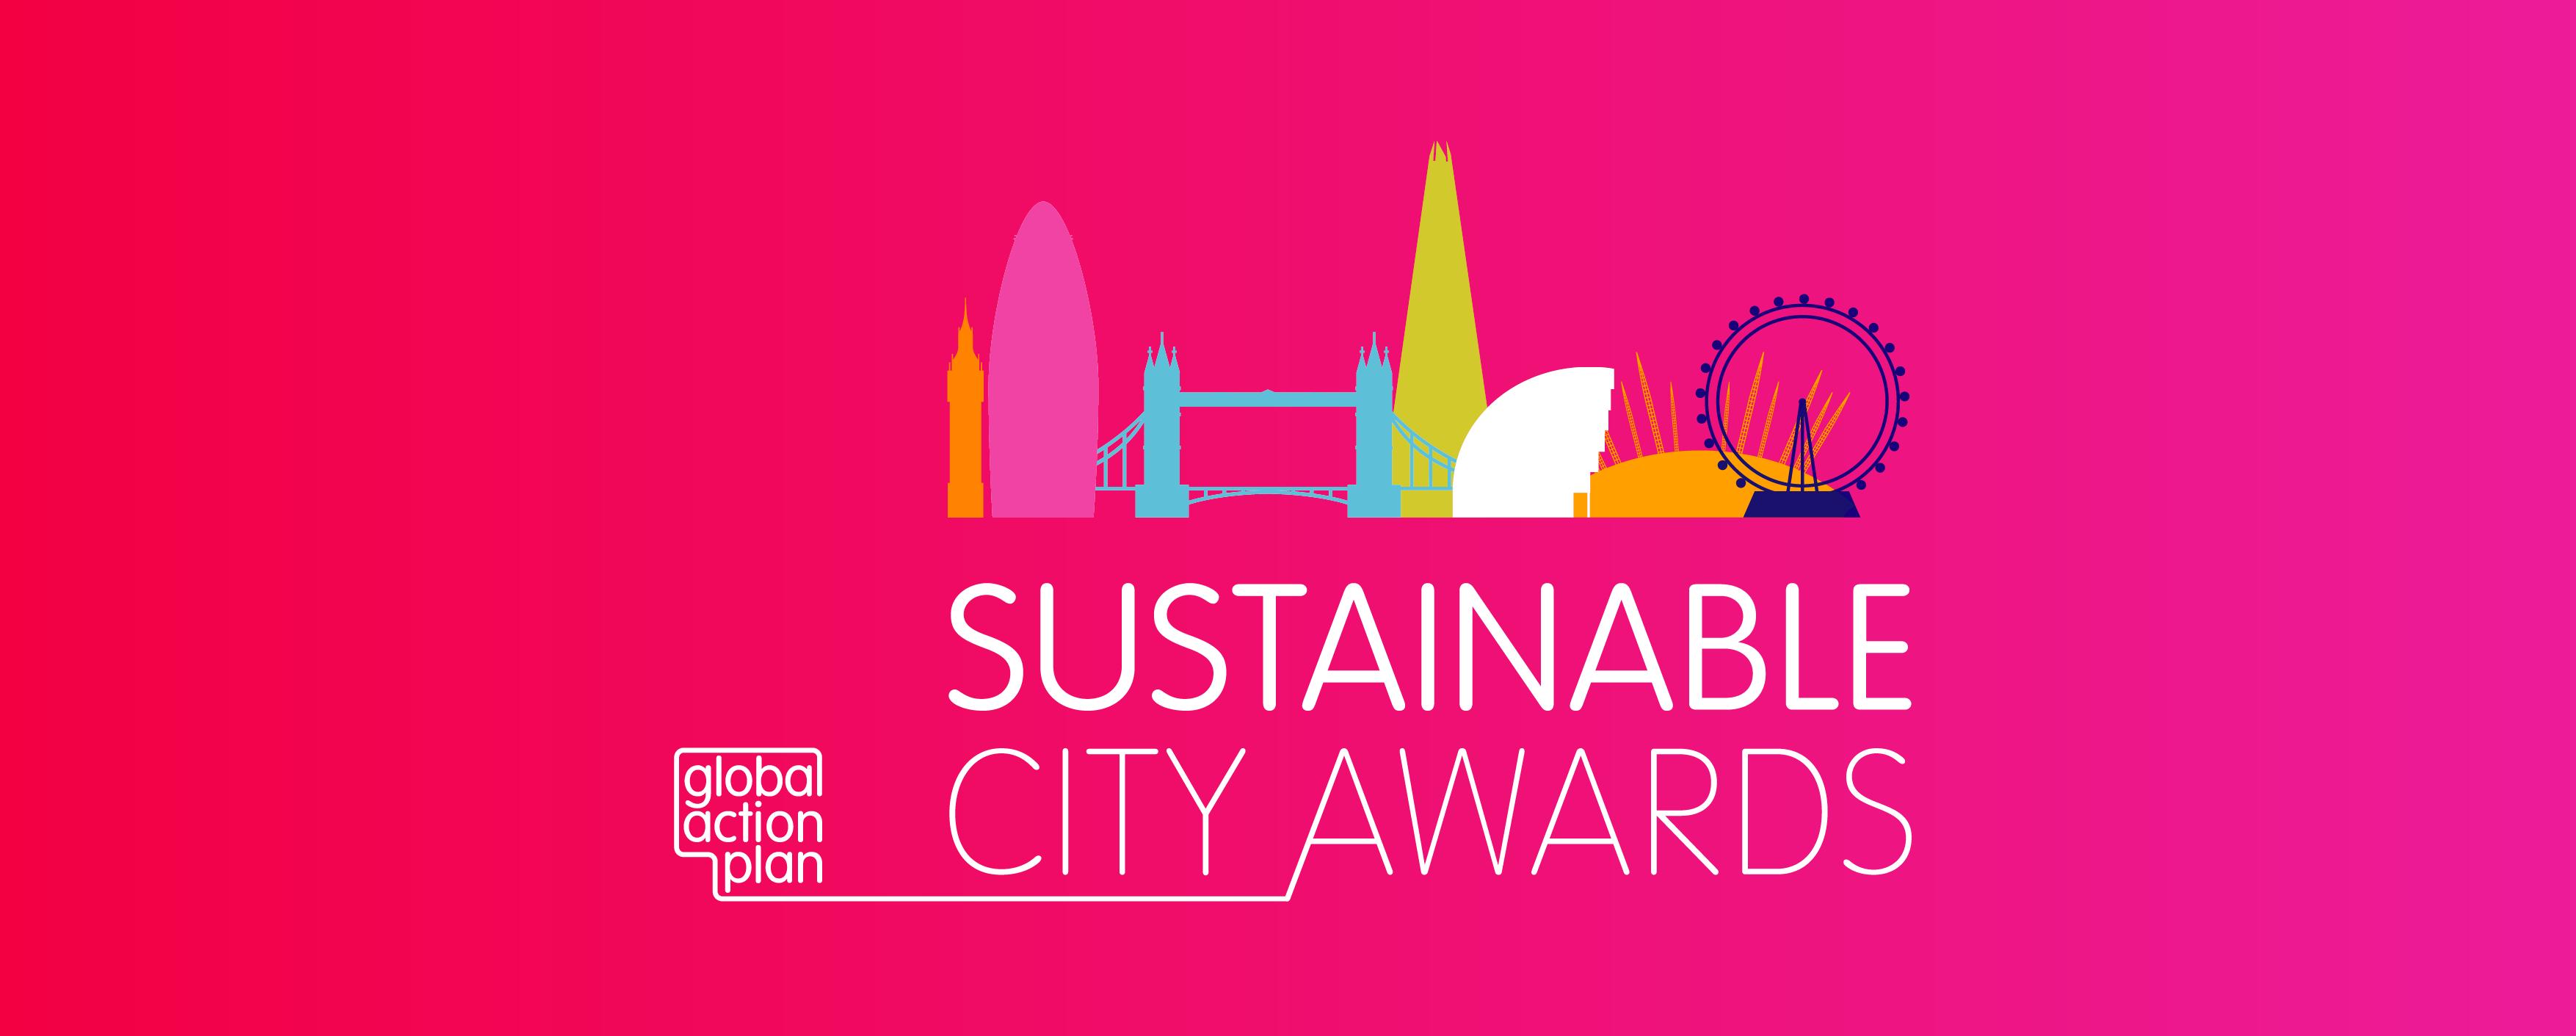 Sustainable City Awards logo